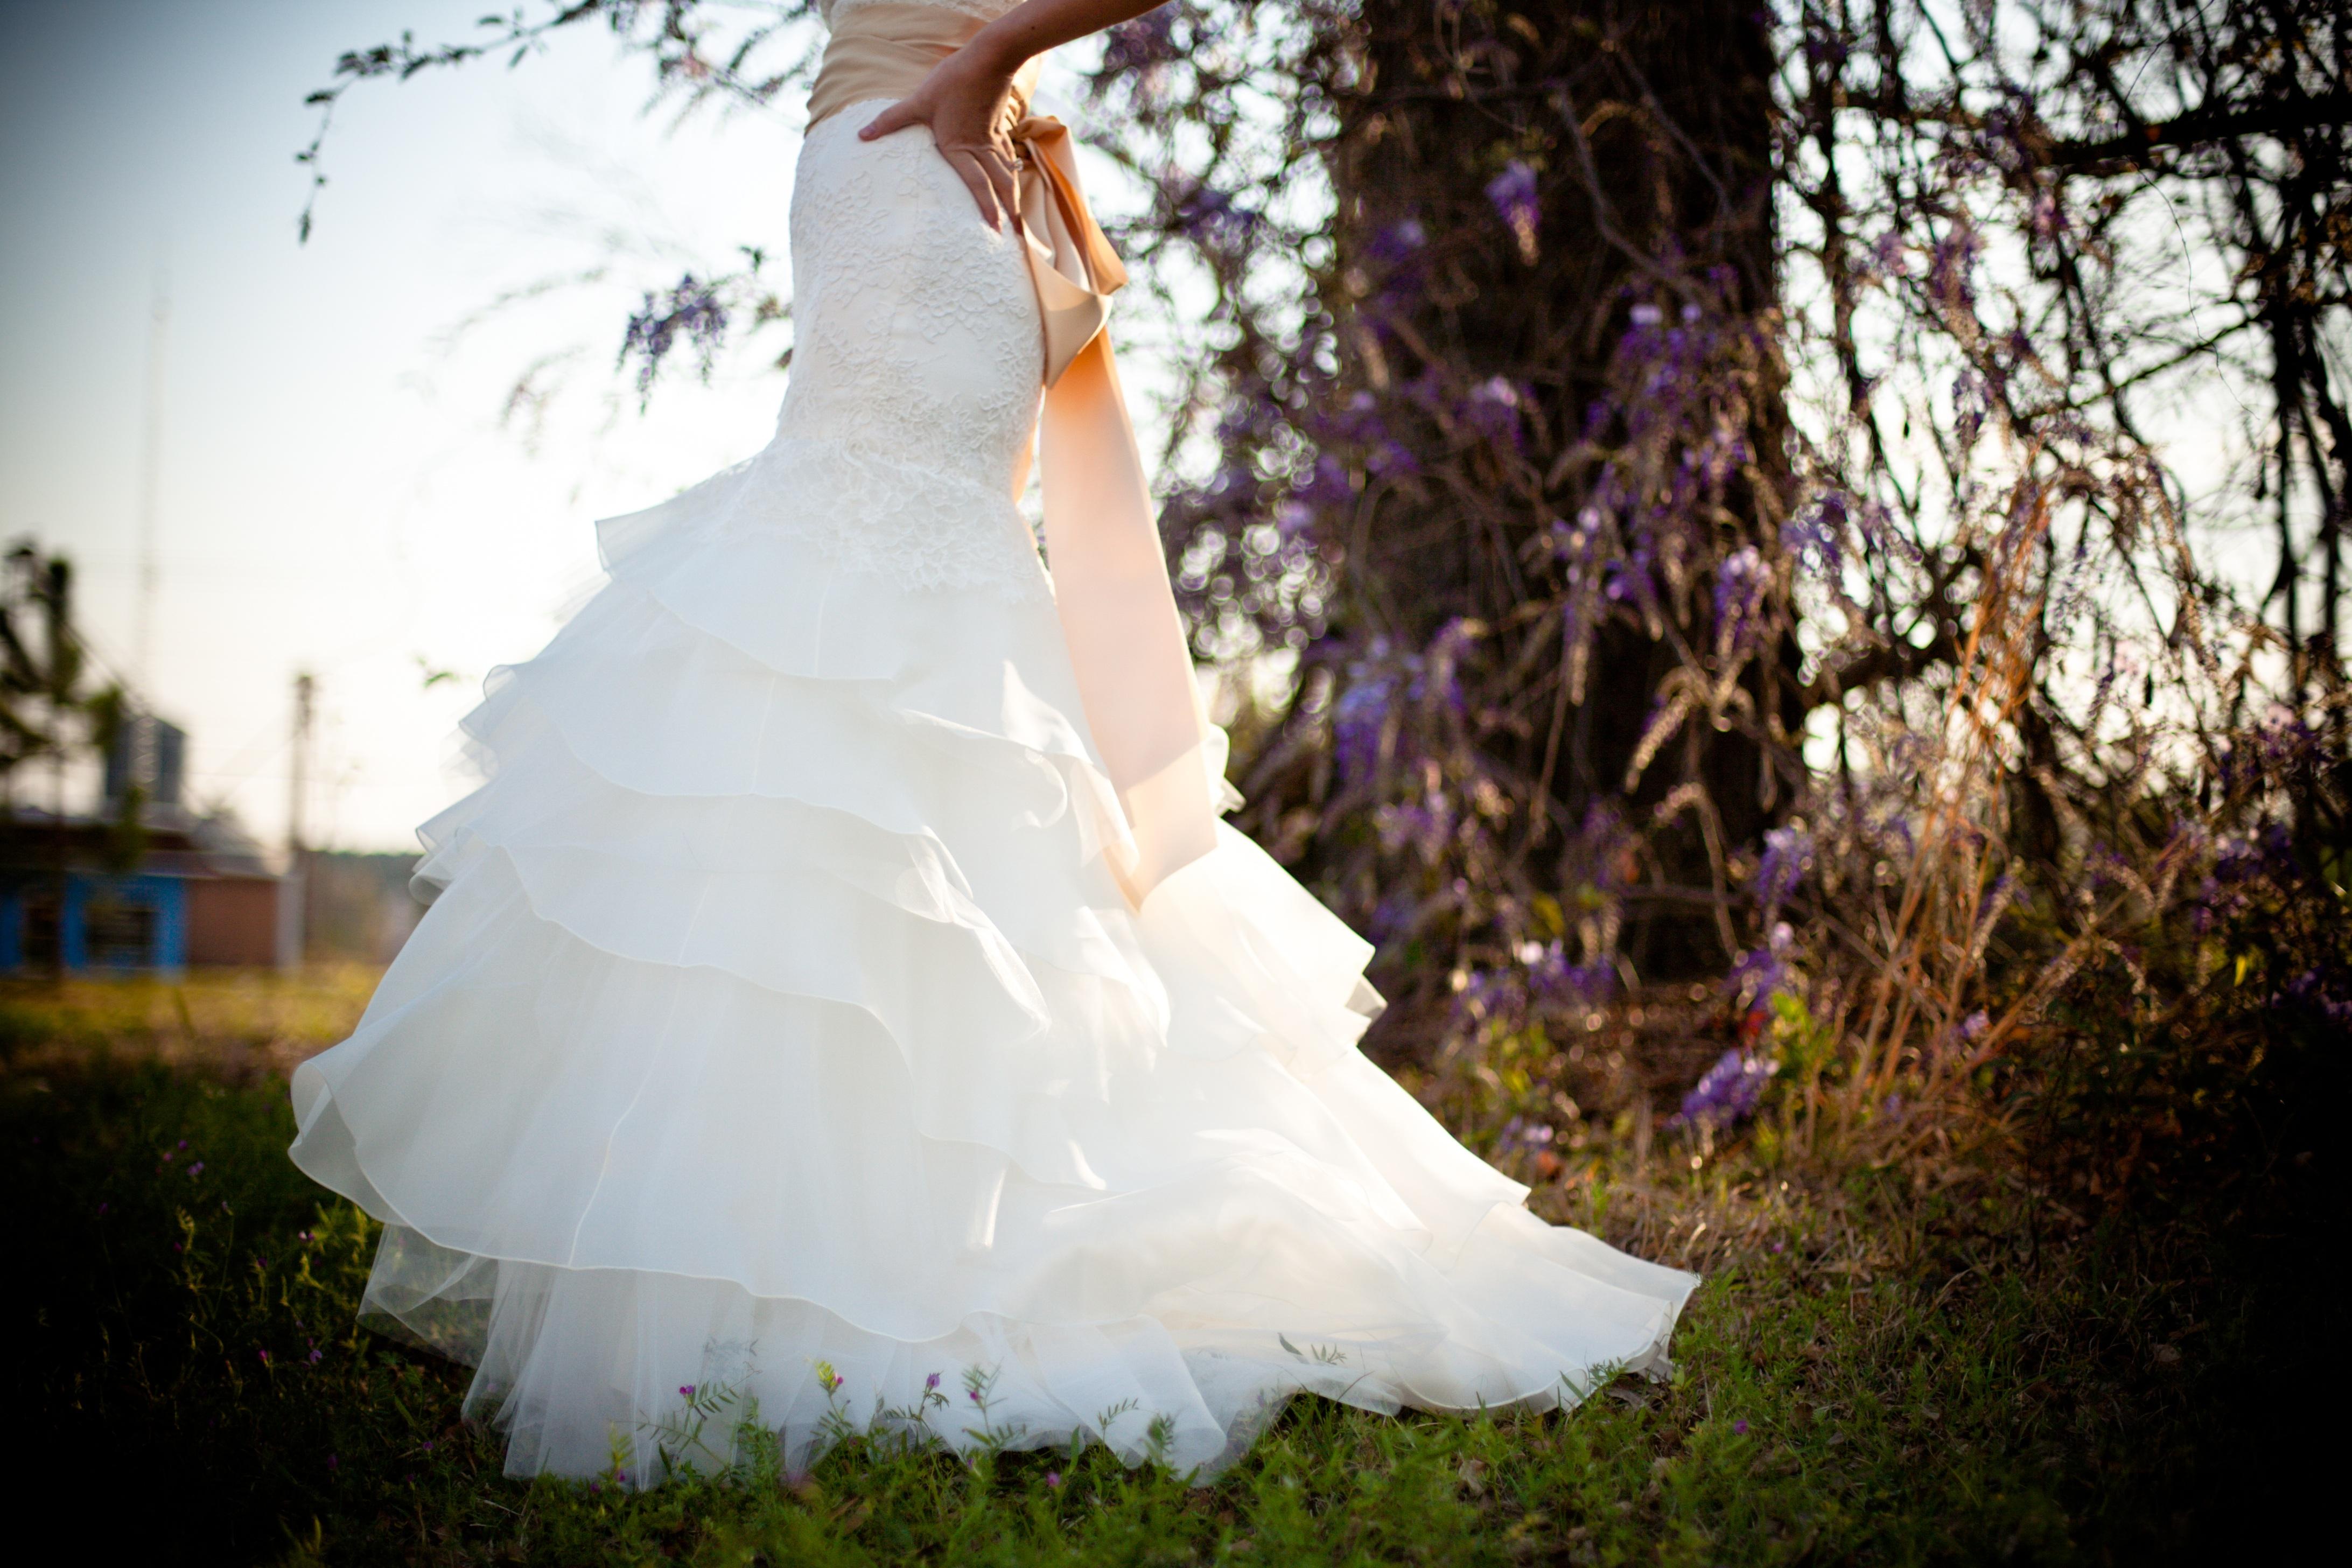 fe61201d8148 kvinde hvid fotografering blomst kvinde mode tøj bryllup bryllupskjole brud  Brudgom ceremoni kjole fotografi stil elegant